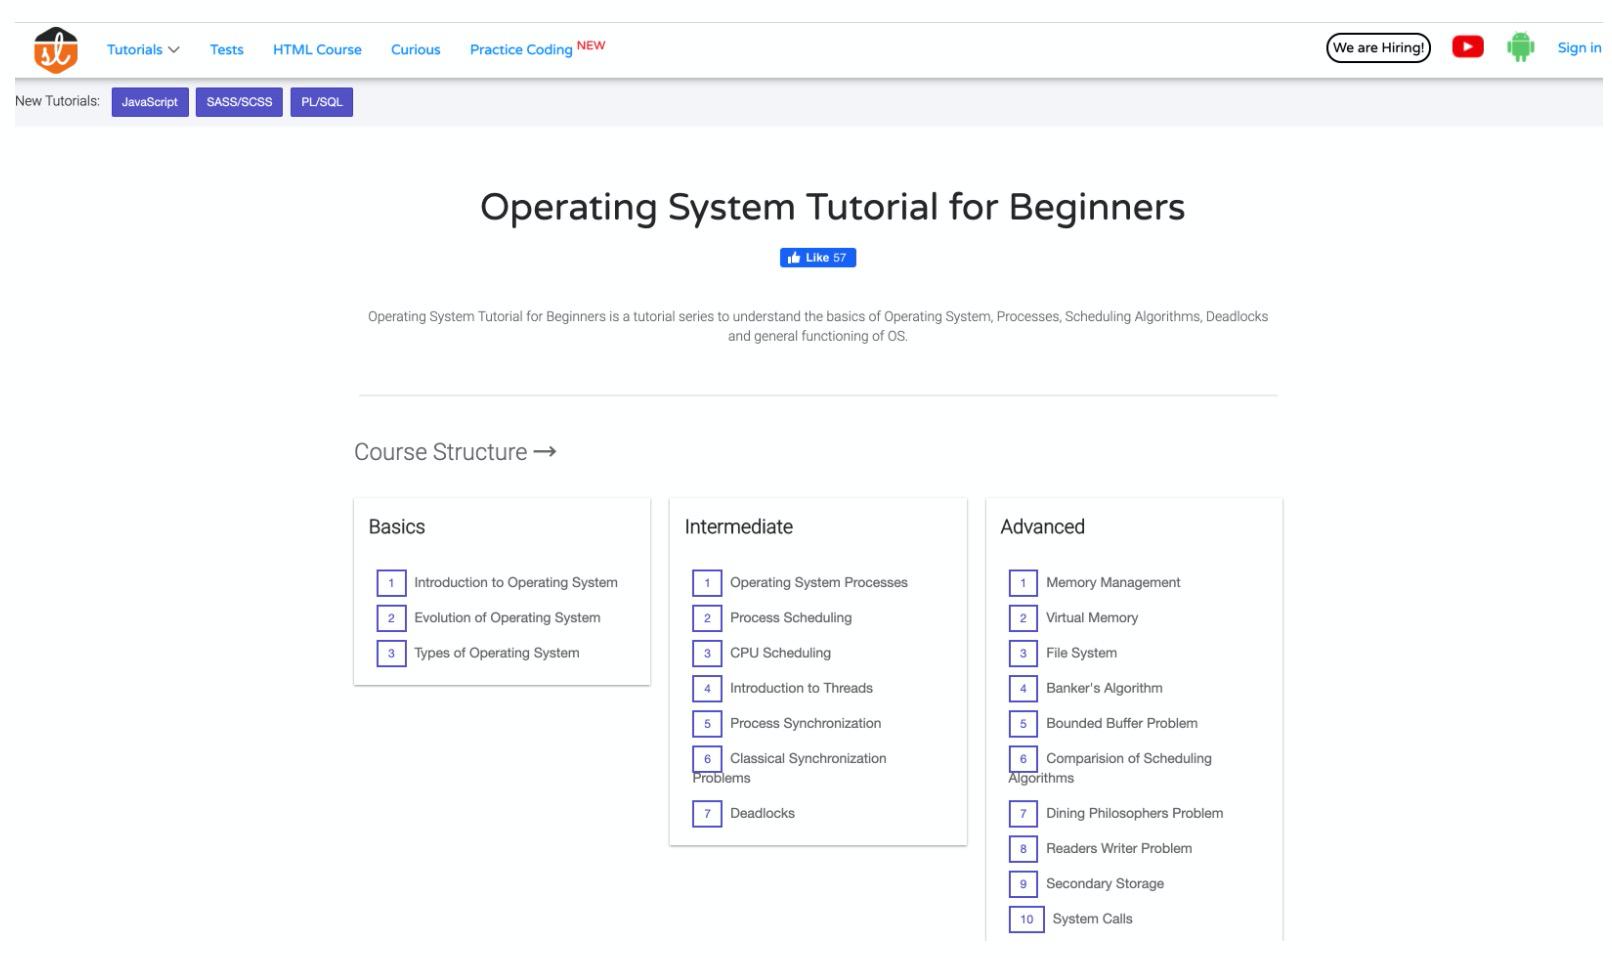 小白如何学习操作系统?